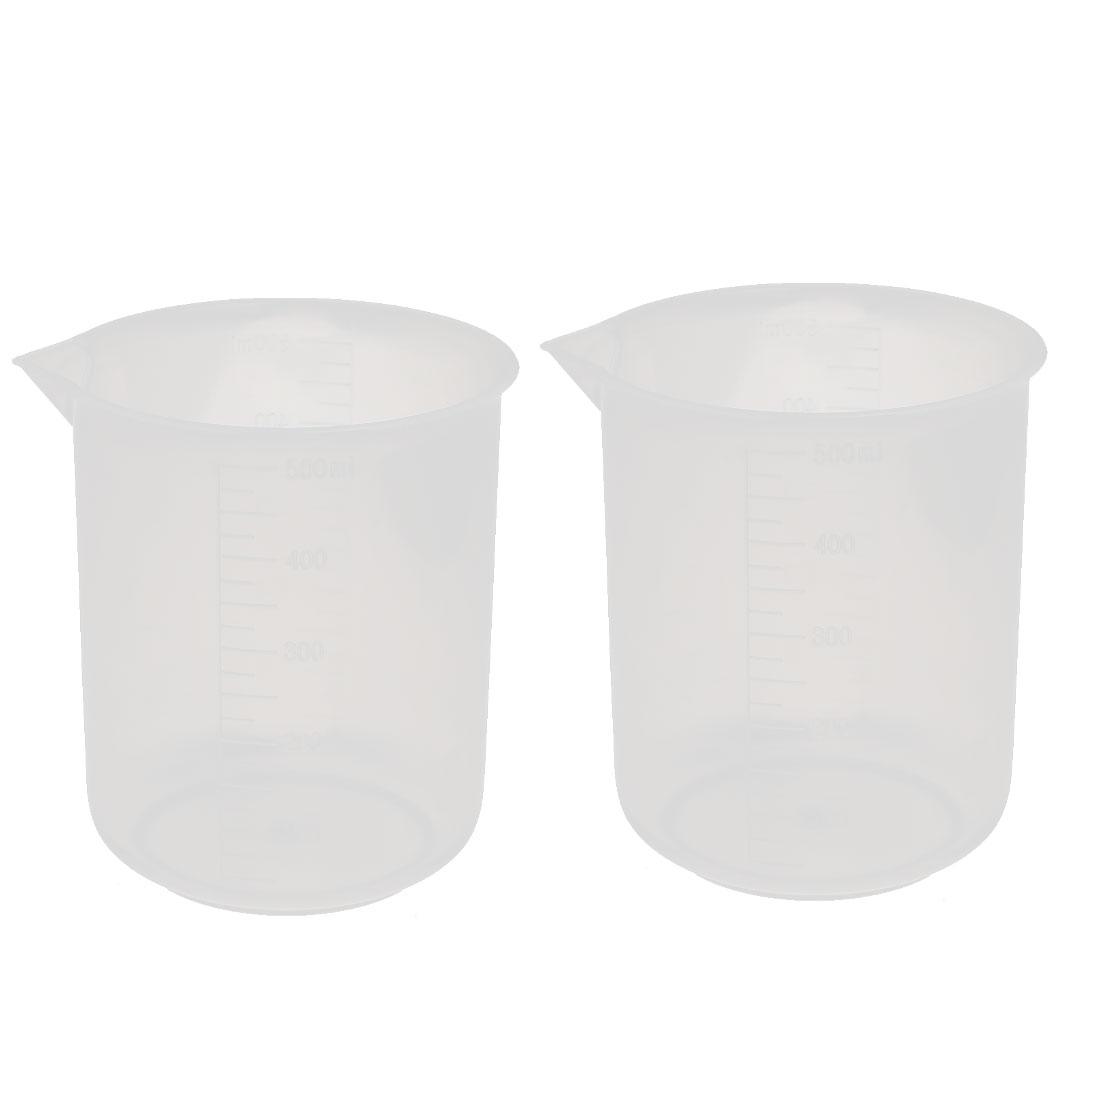 2pcs 500mL Lab Plastic Liquid Container Measuring Cup Beaker Clear